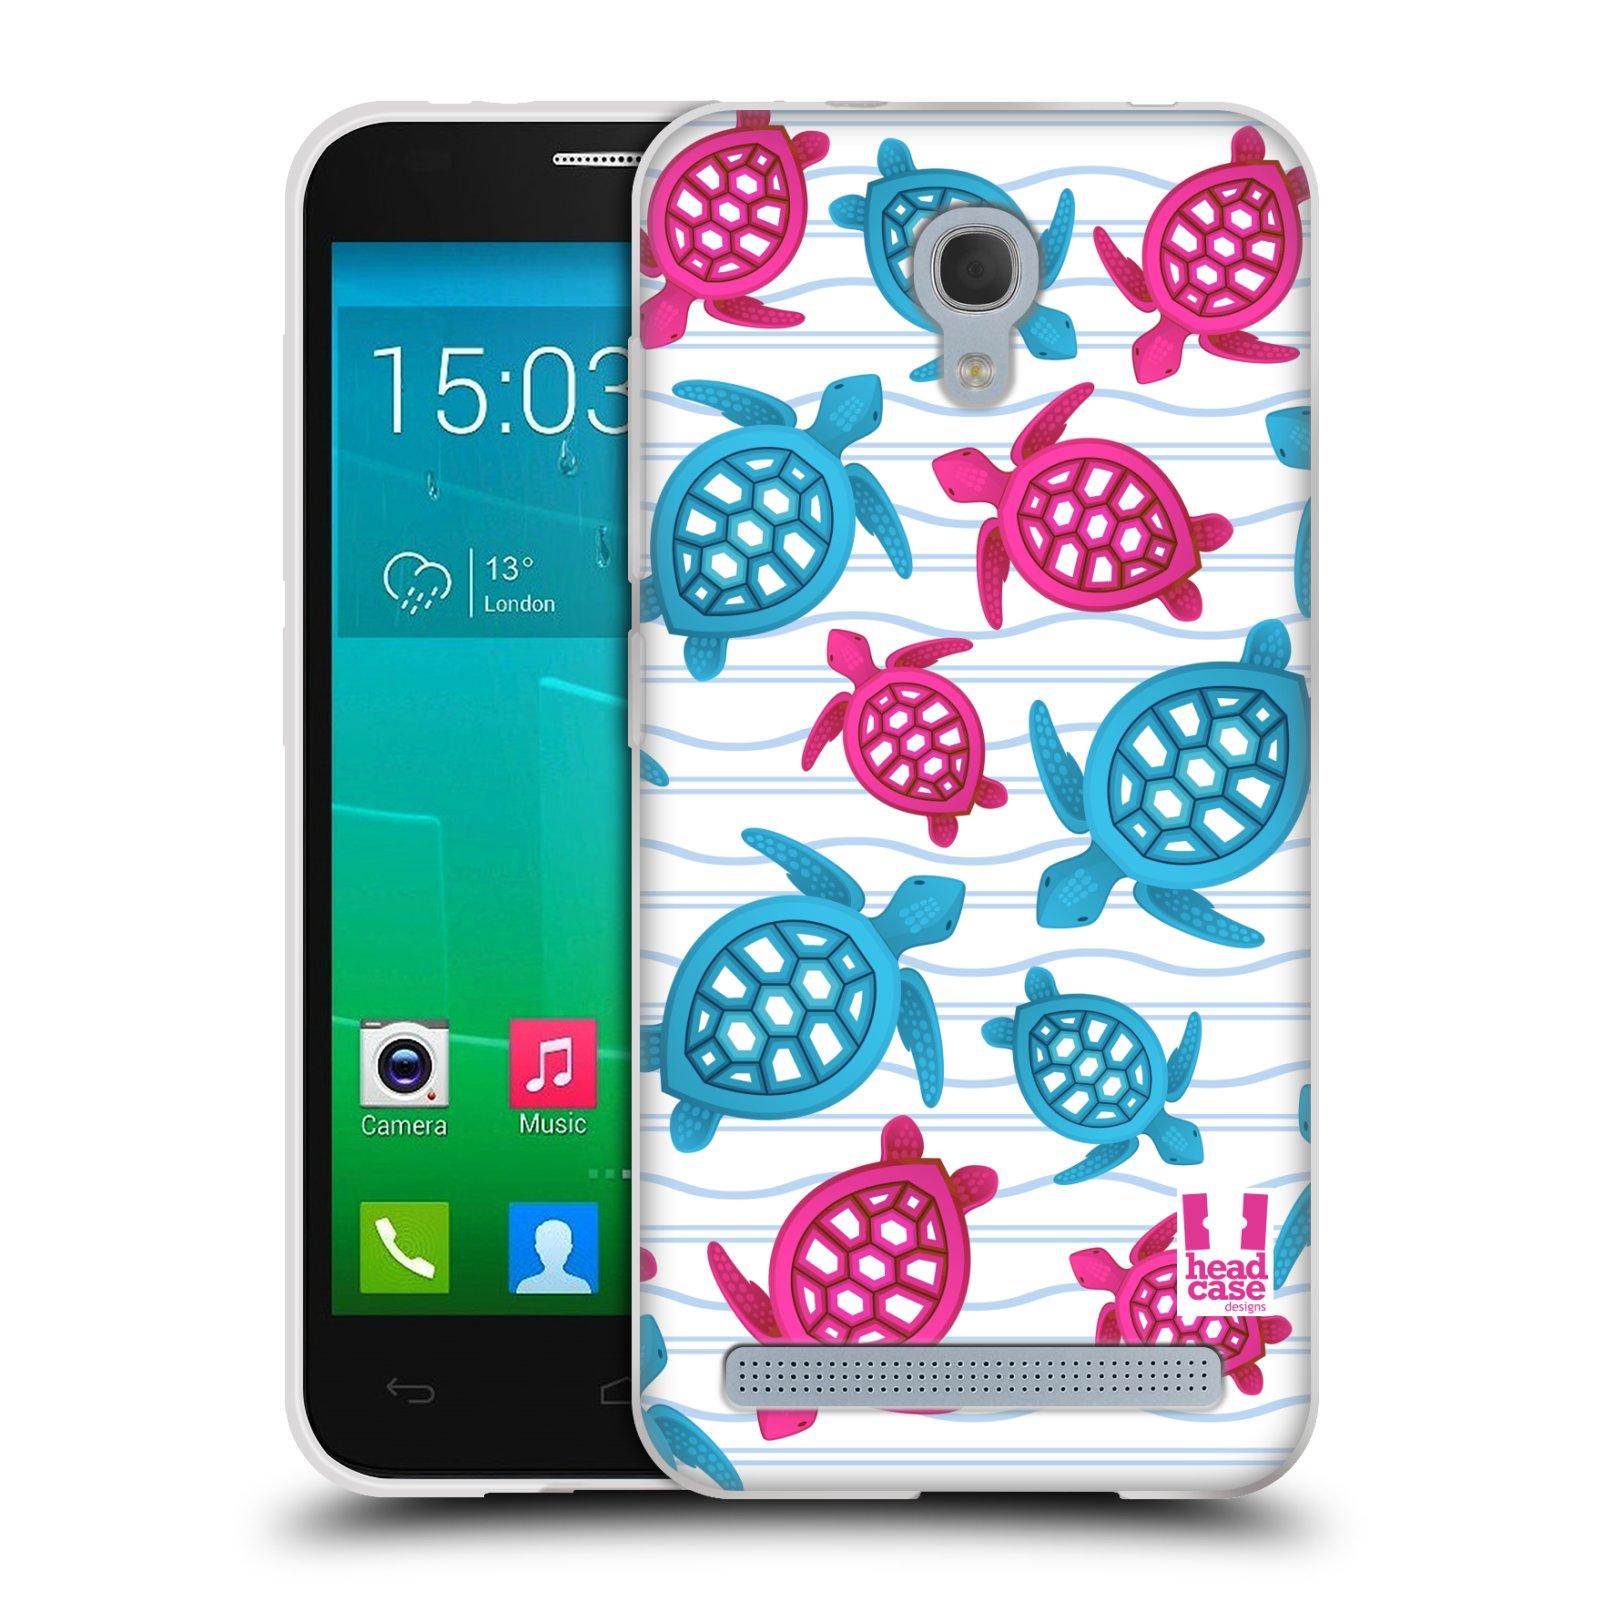 HEAD CASE silikonový obal na mobil Alcatel Idol 2 MINI S 6036Y vzor mořský živočich želva modrá a růžová